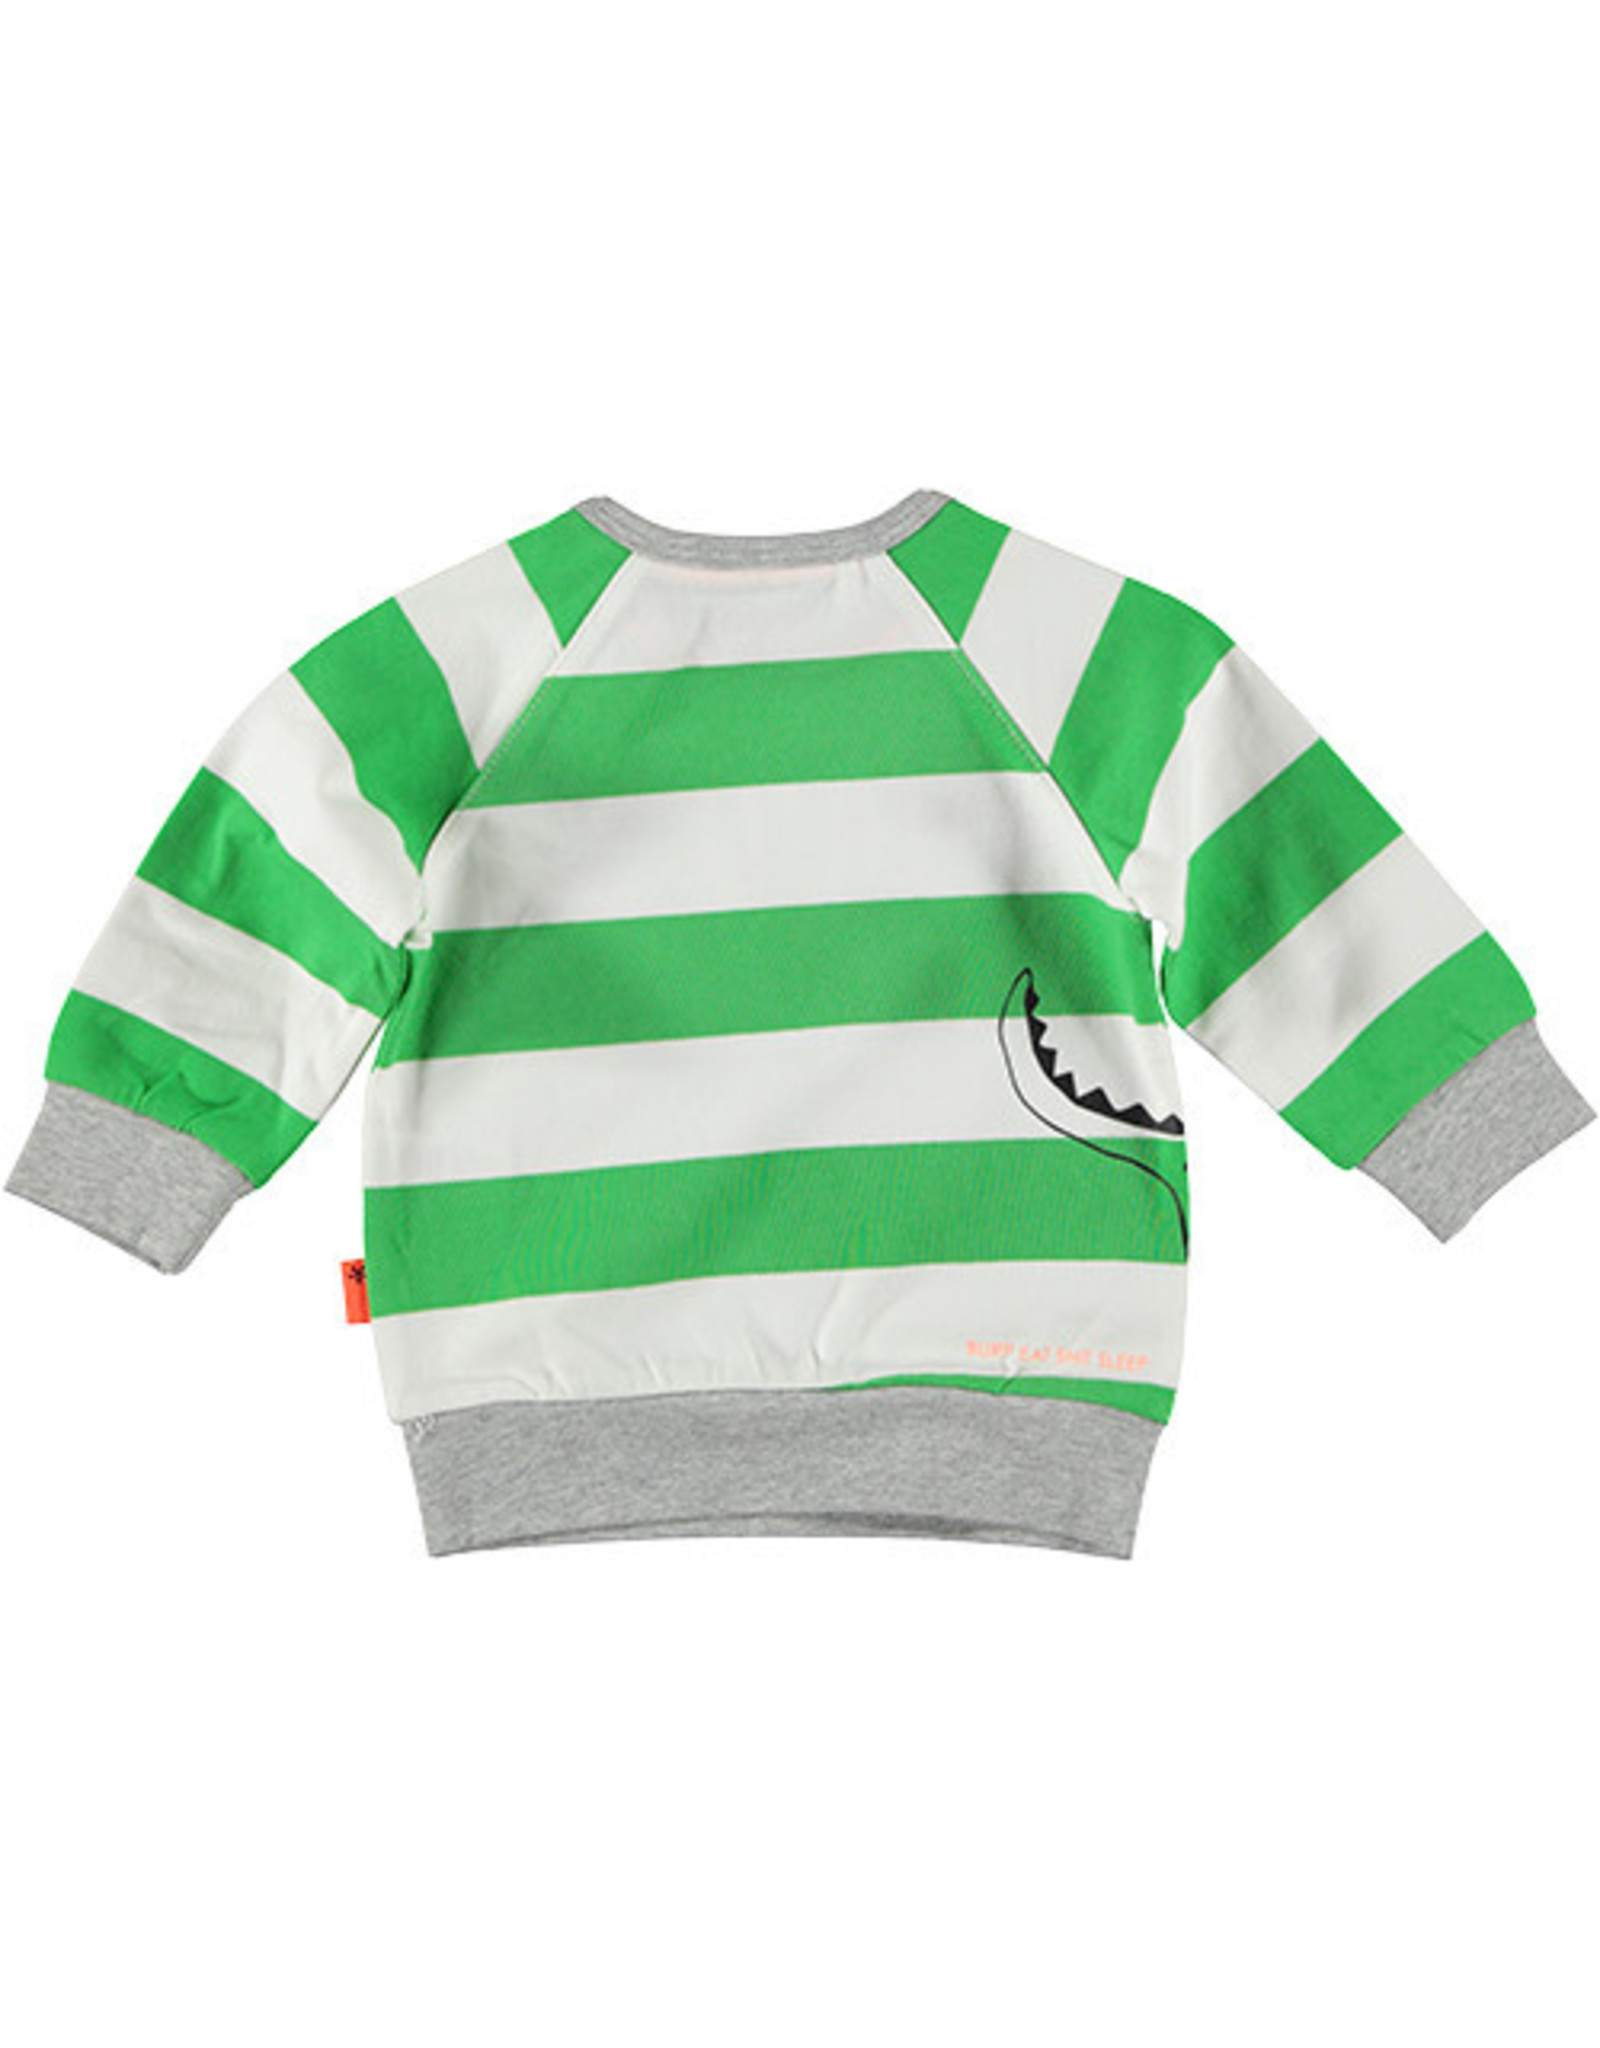 B.E.S.S. Sweater Little Messmaker, White